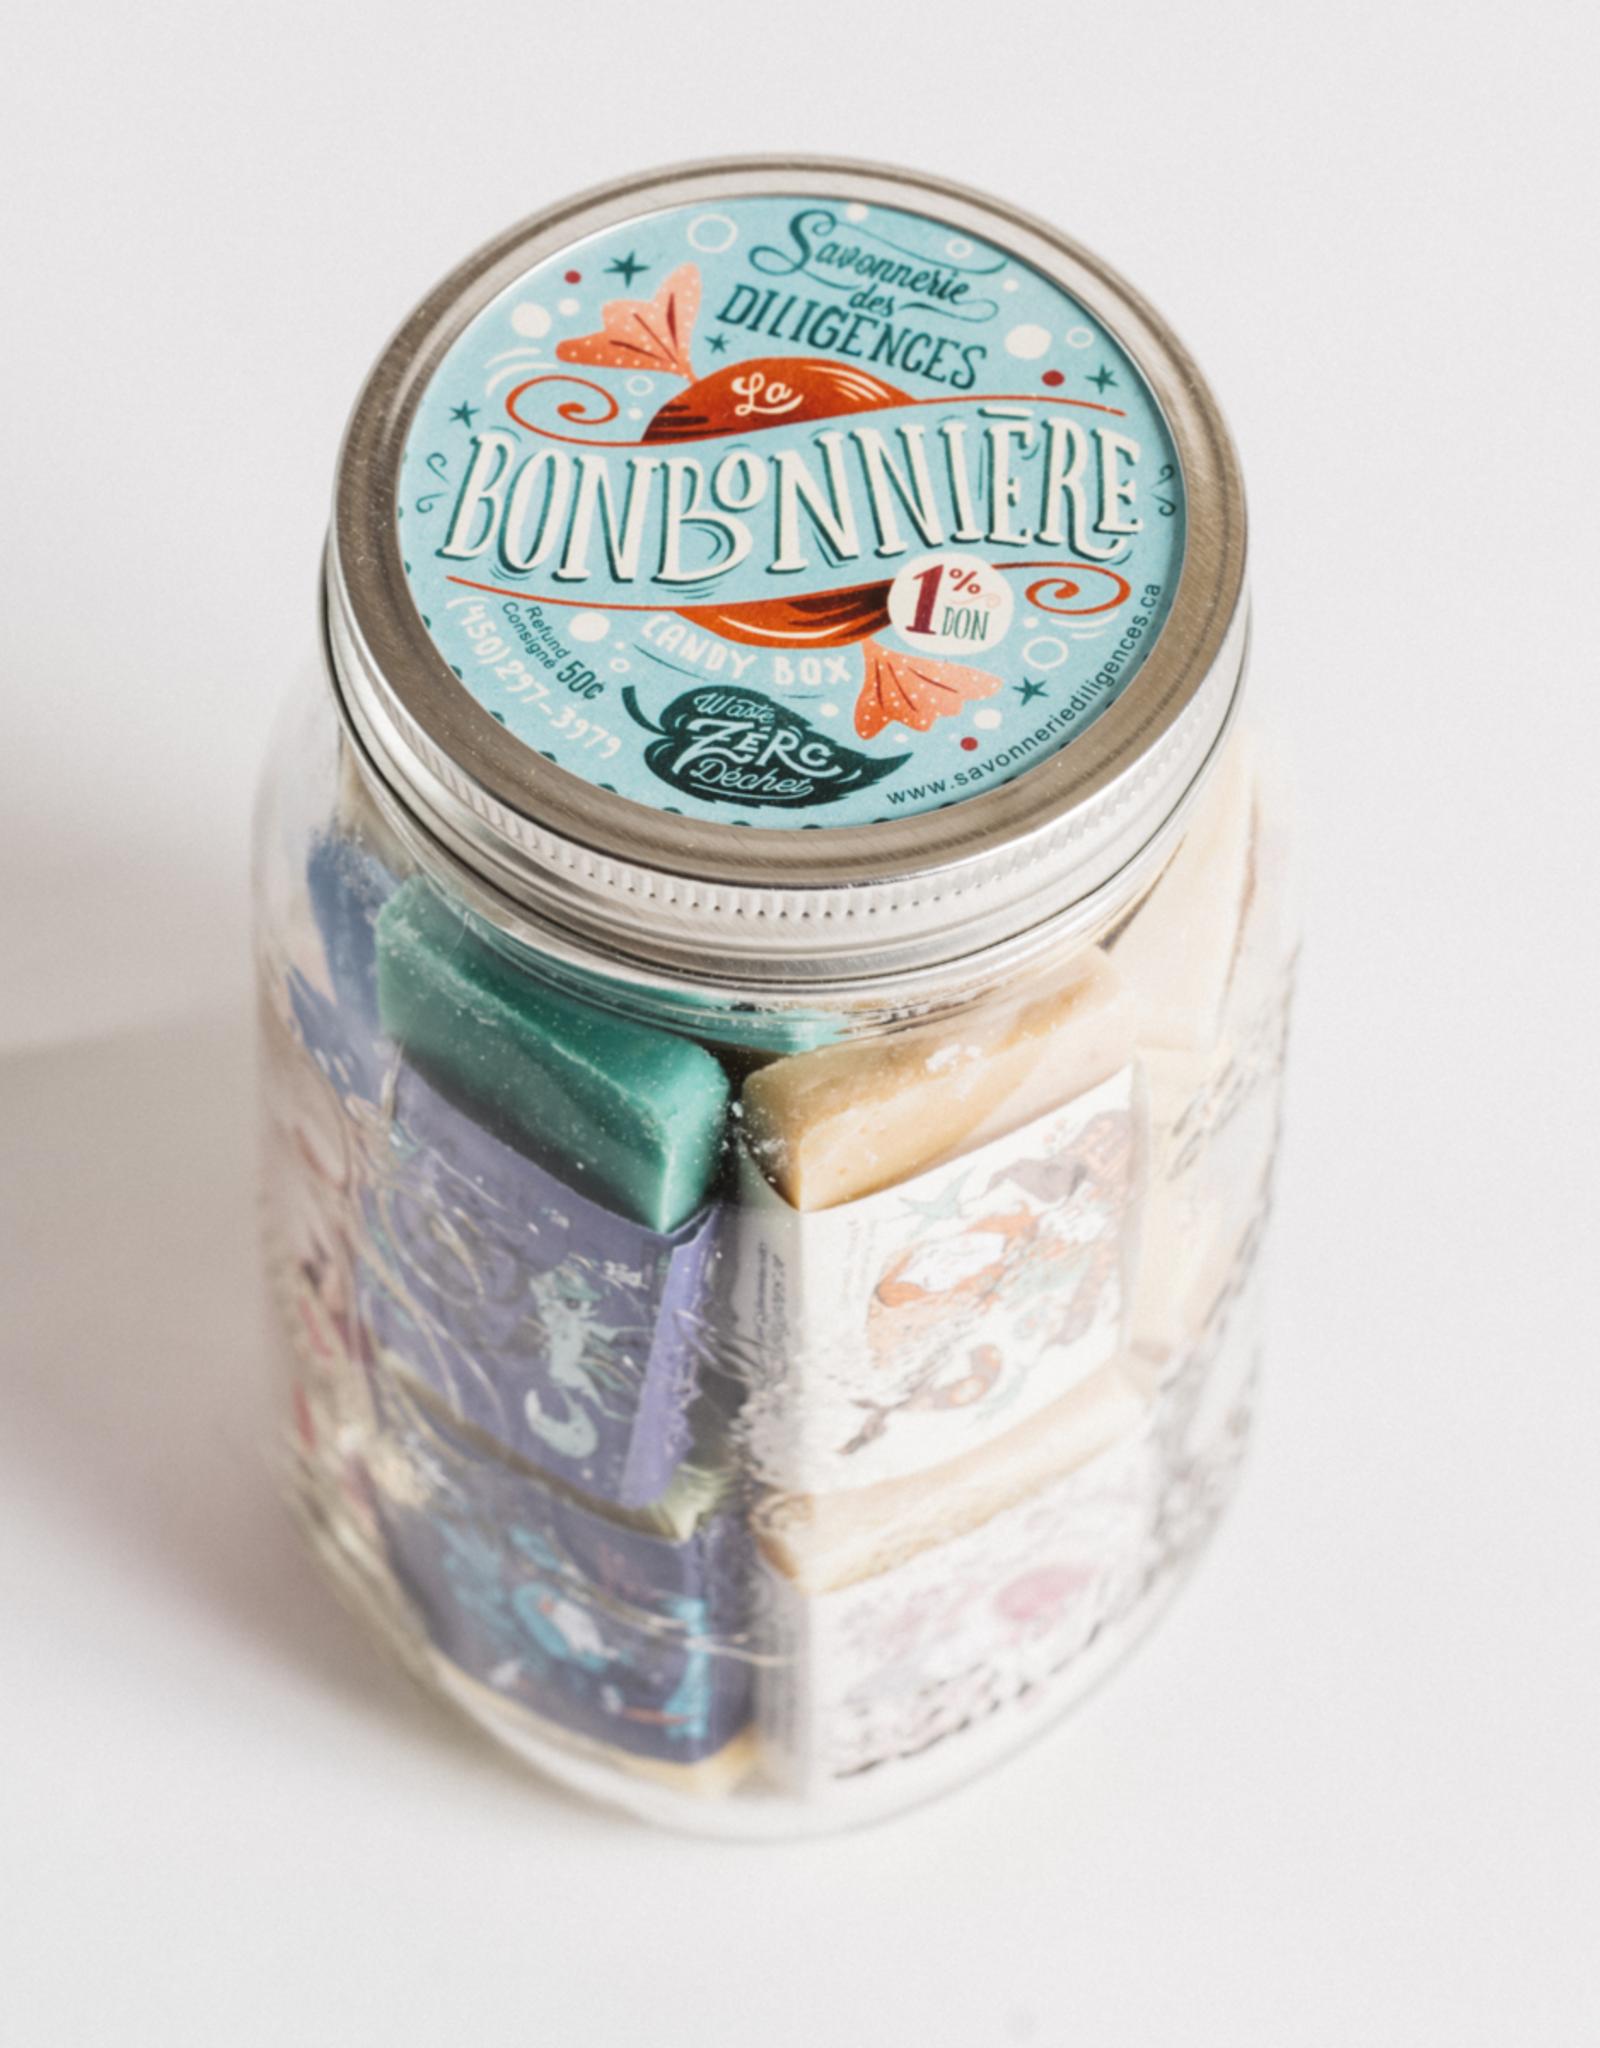 Savonnerie des Diligences Bonbonnière de mini-savons - Grande 600g